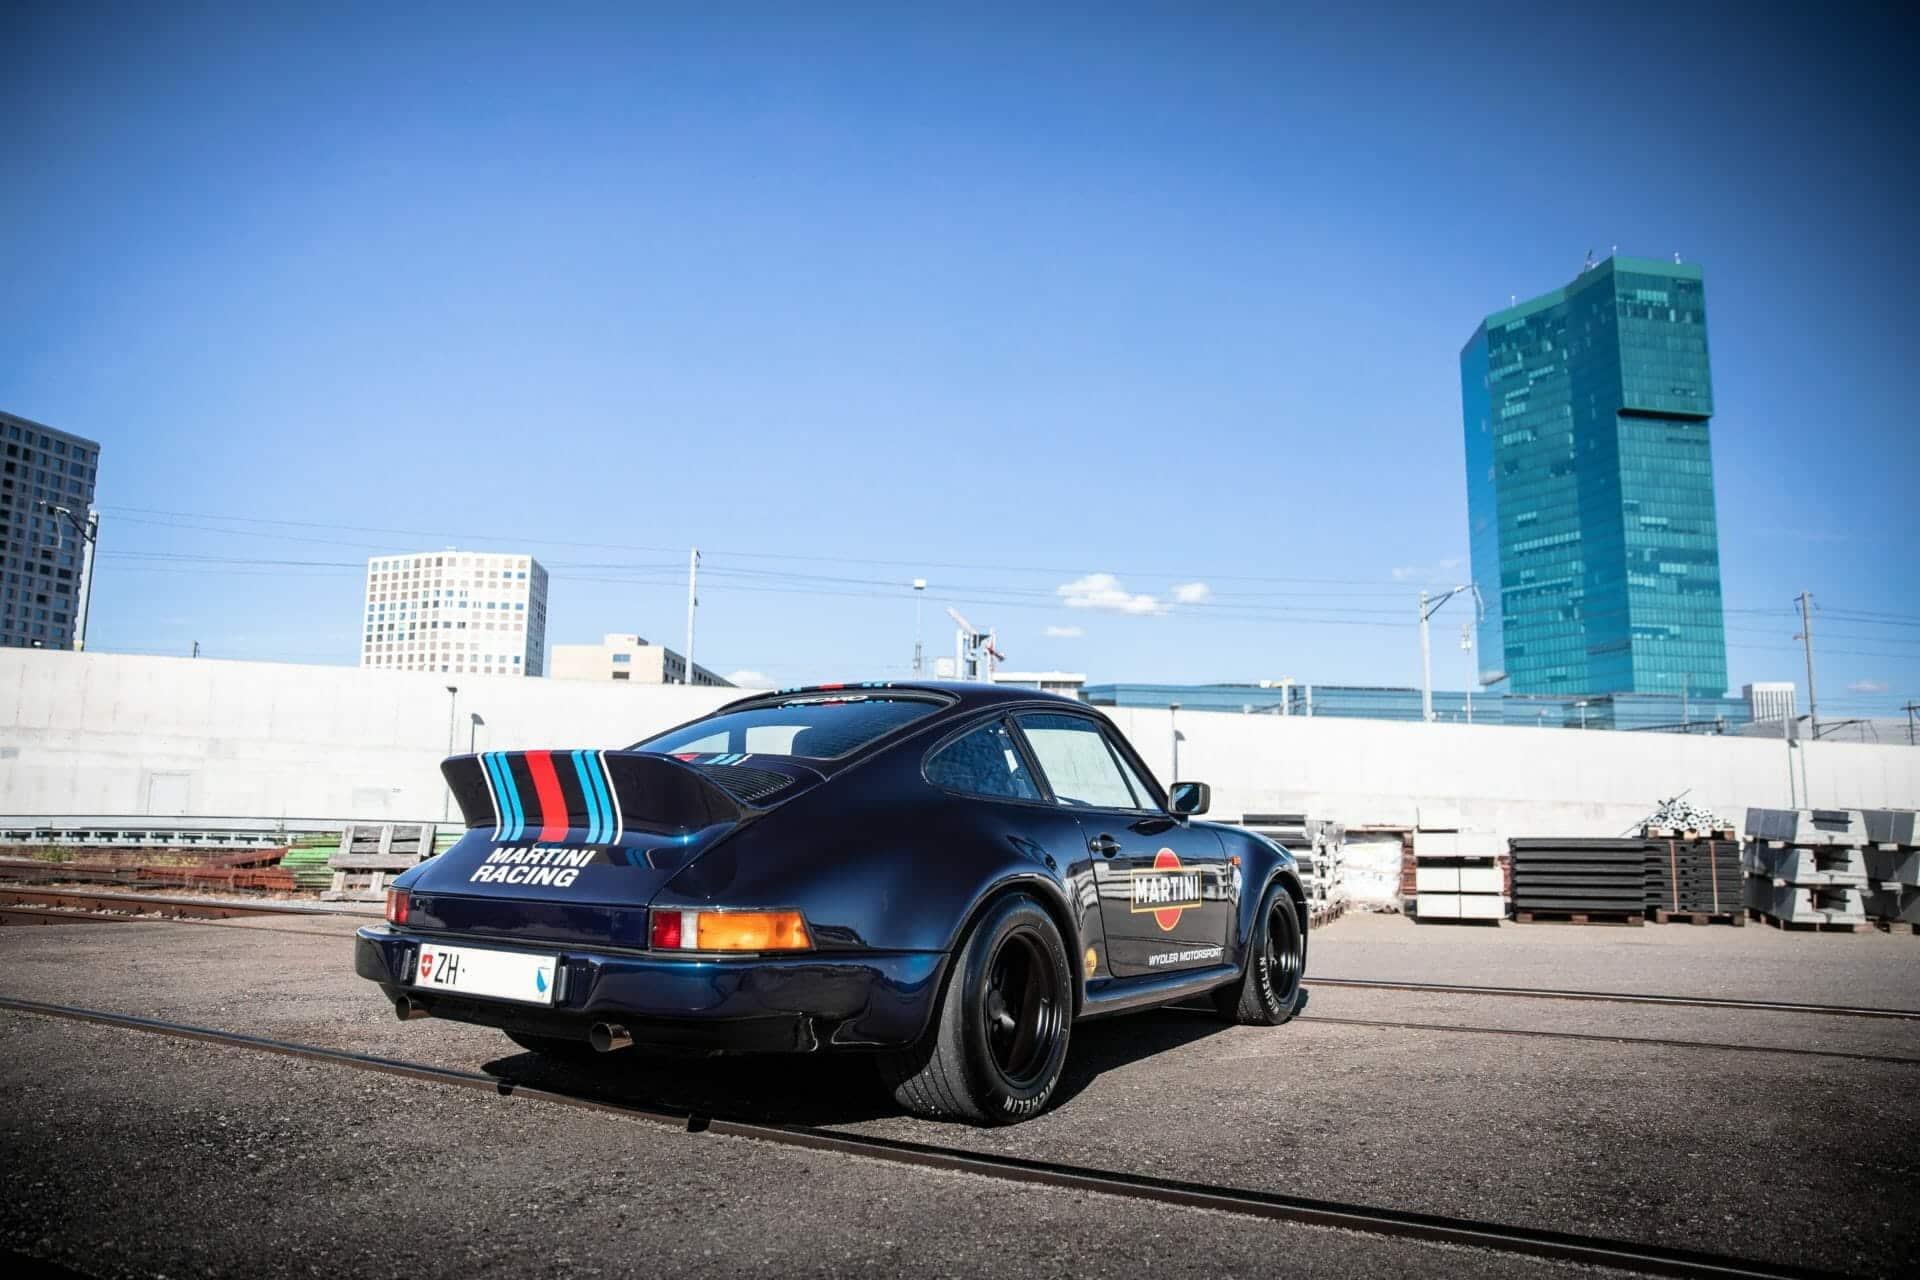 Porsche 911 Martini81 - Picture 16